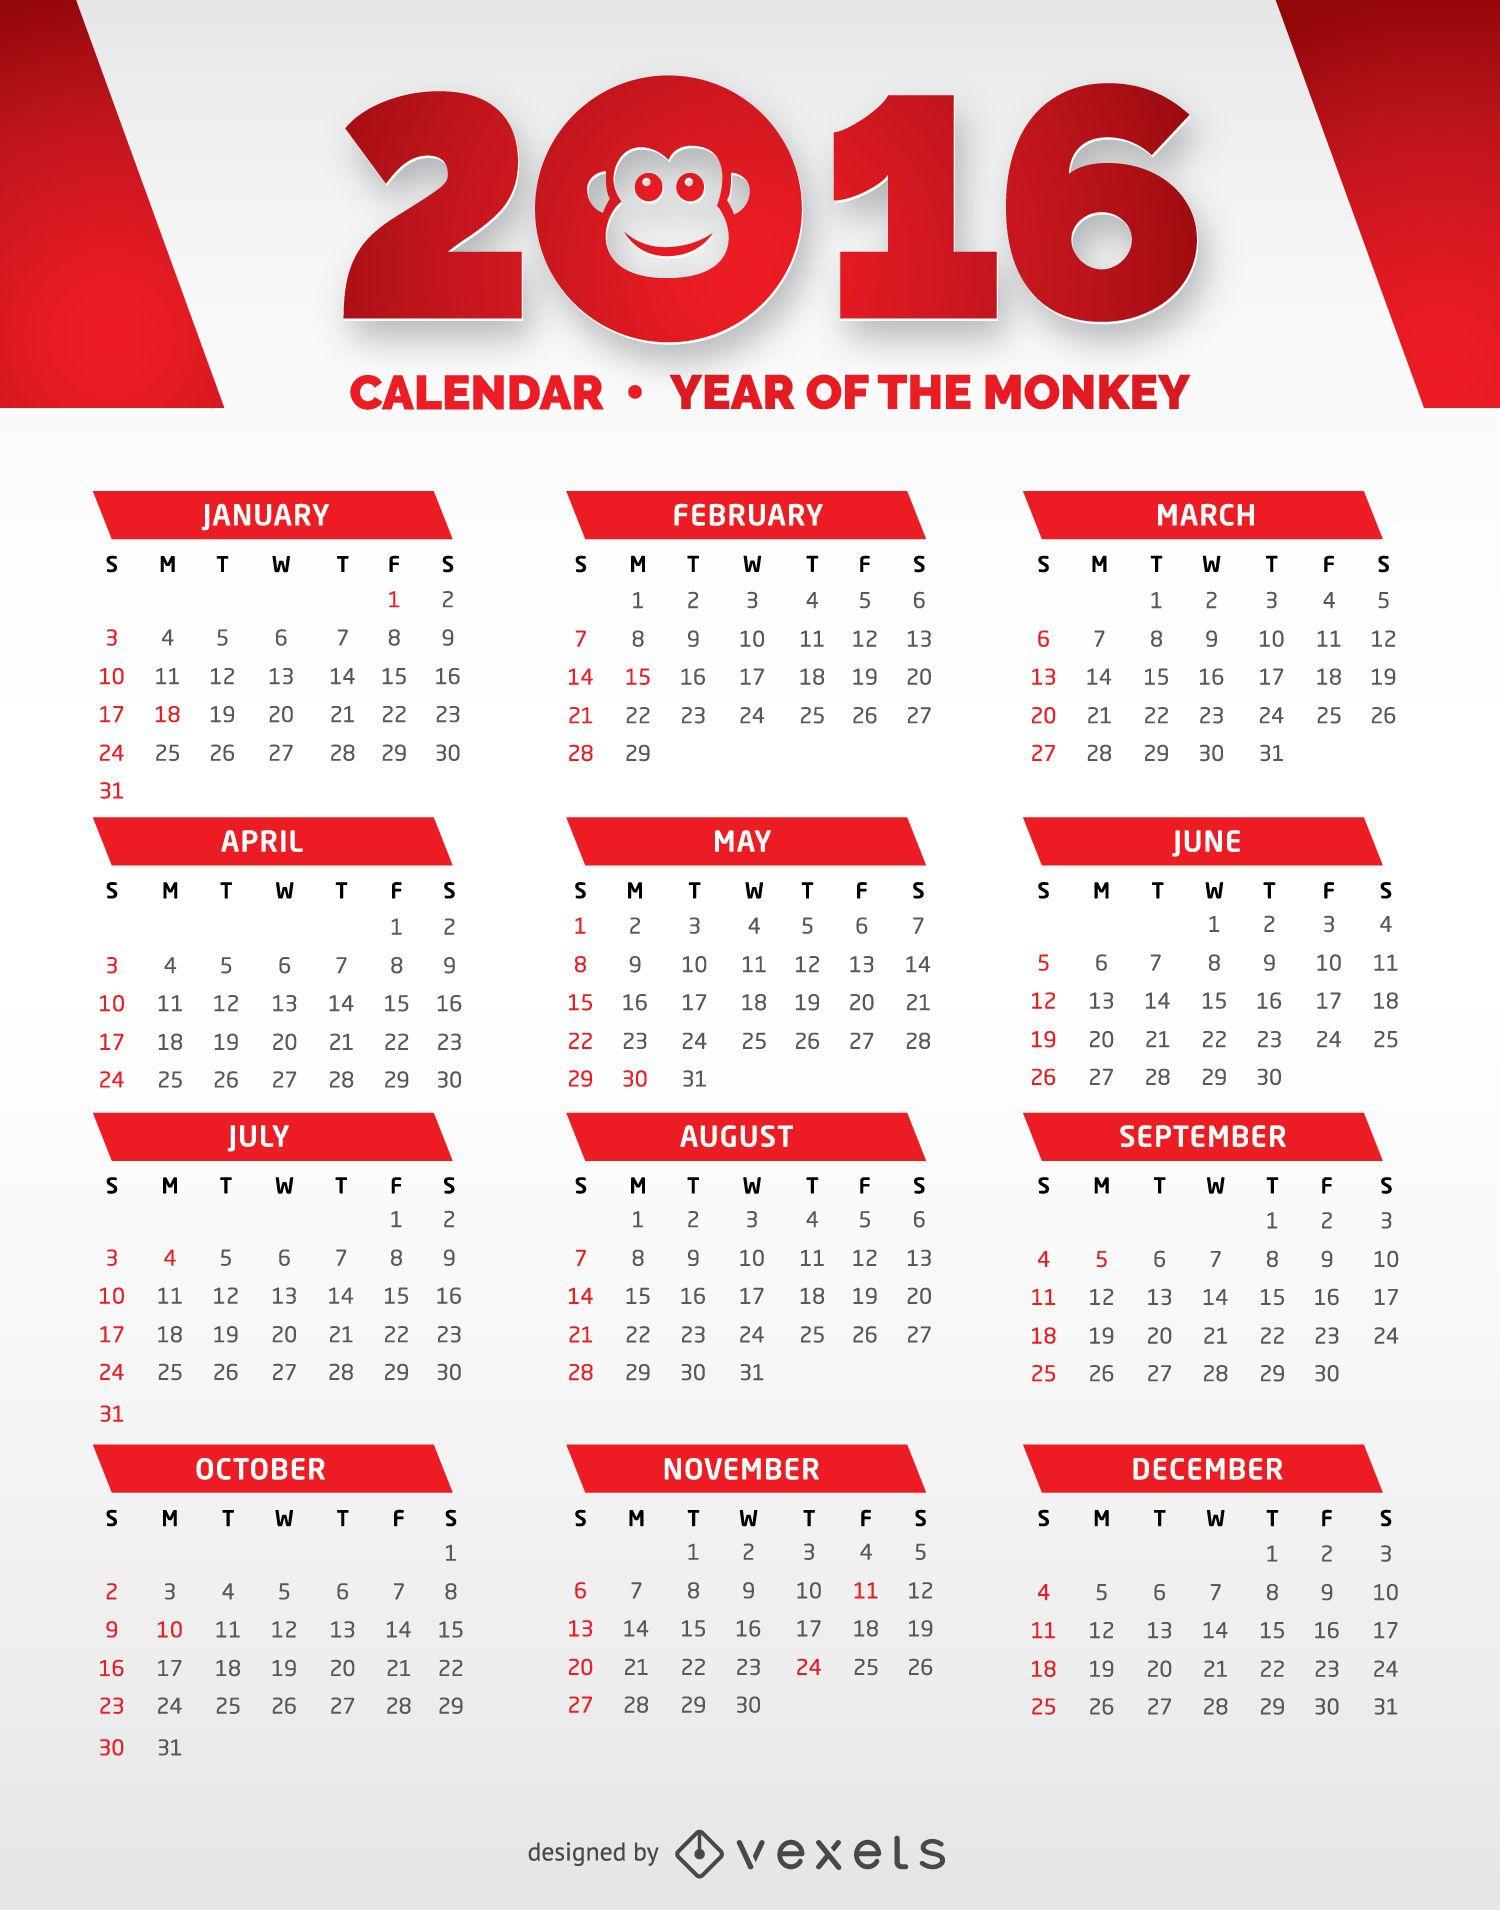 Calendario rojo y blanco 2016